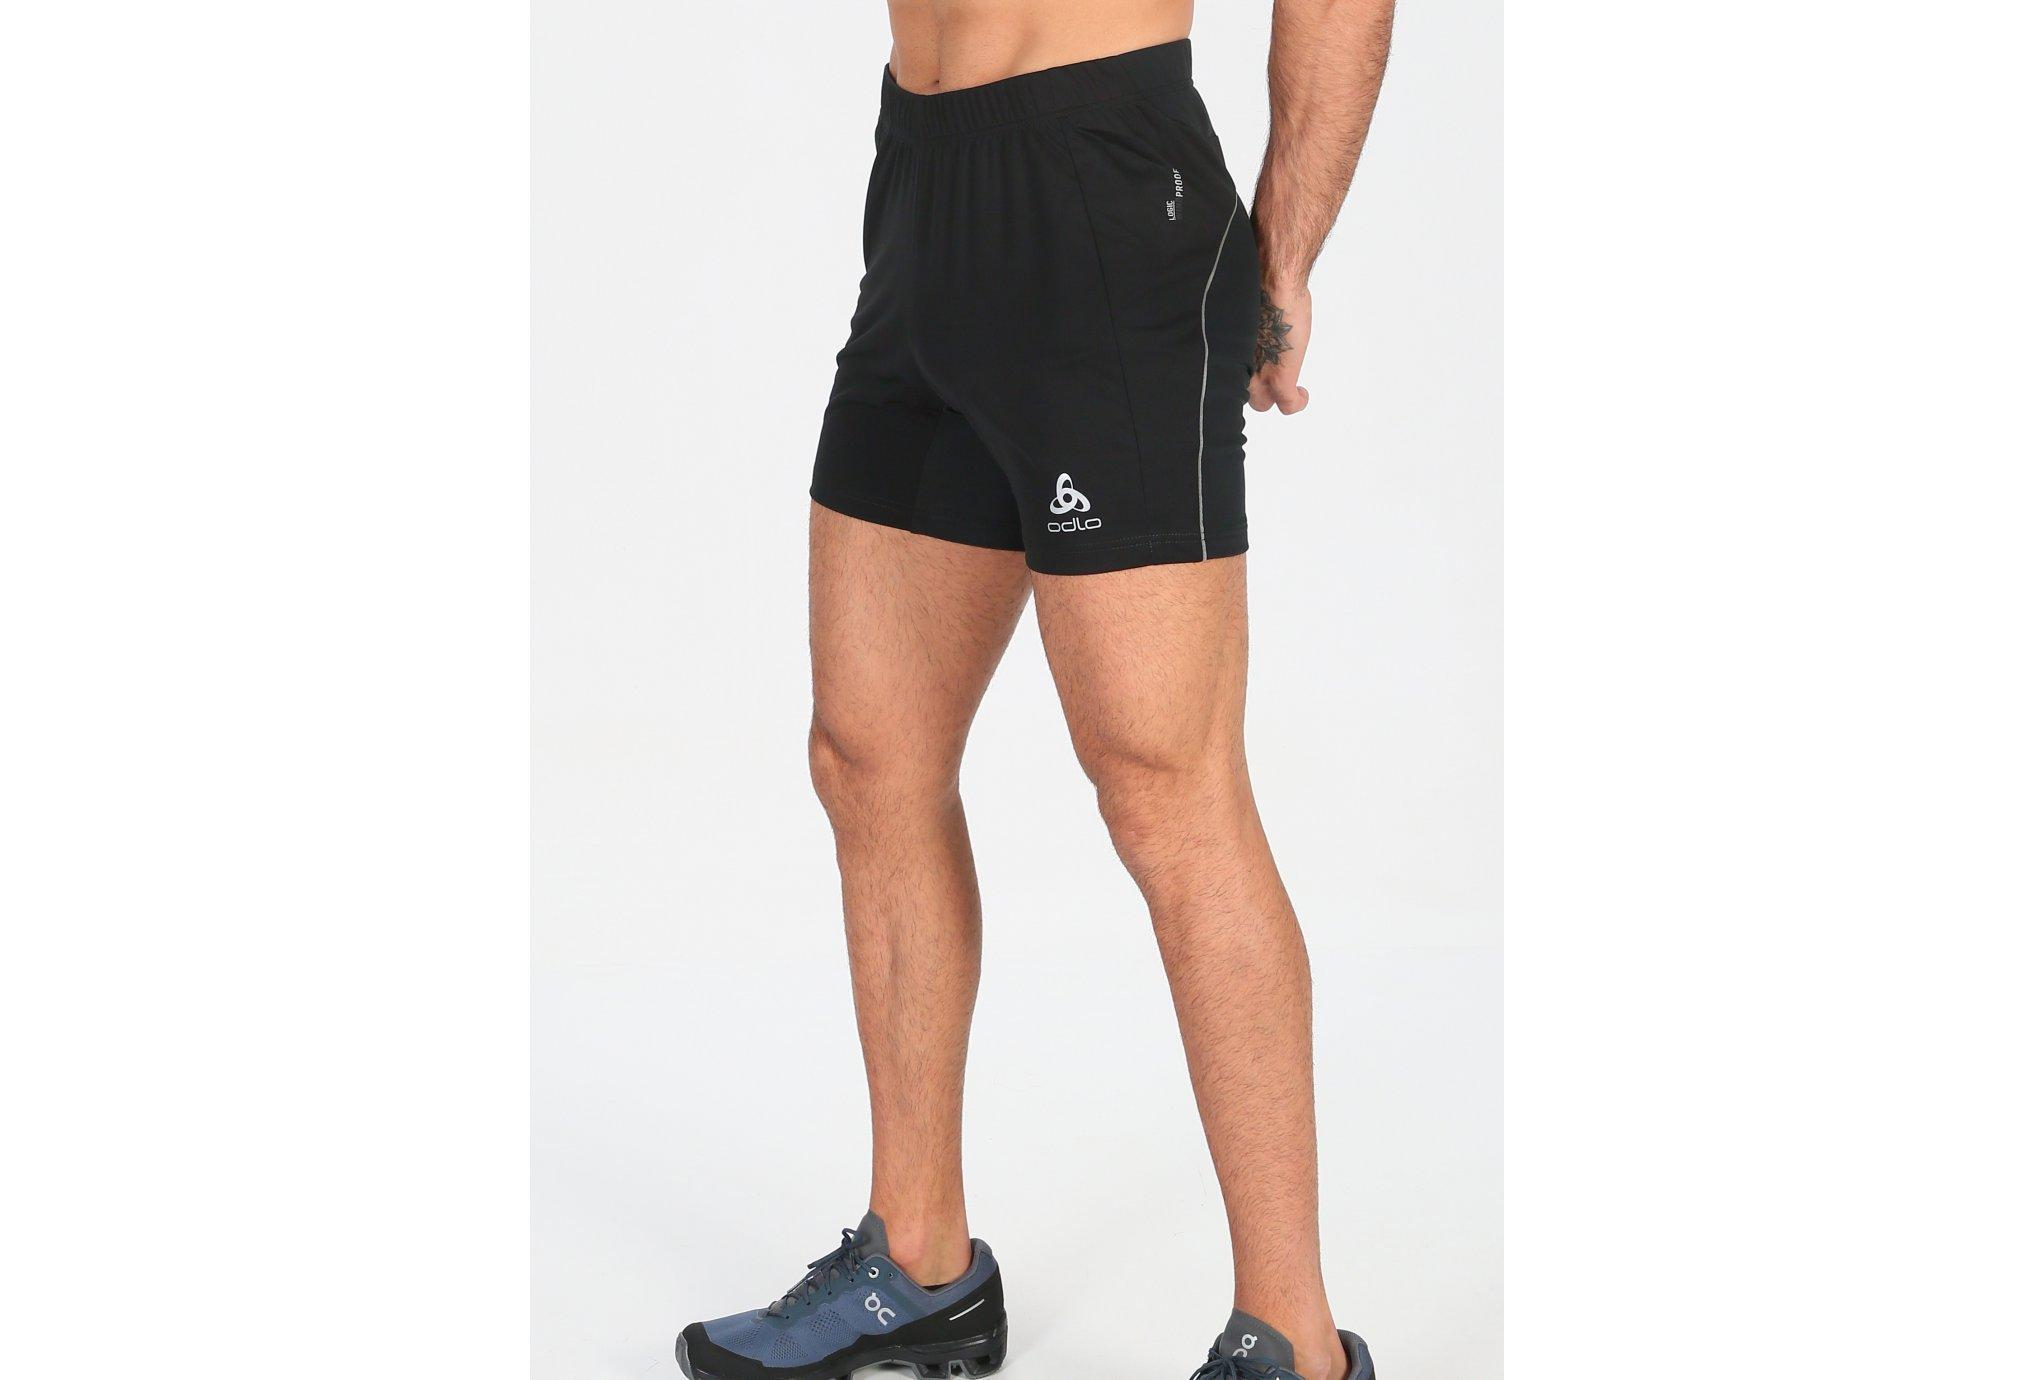 Odlo Zeroweight Windproof Warm M Diététique Vêtements homme